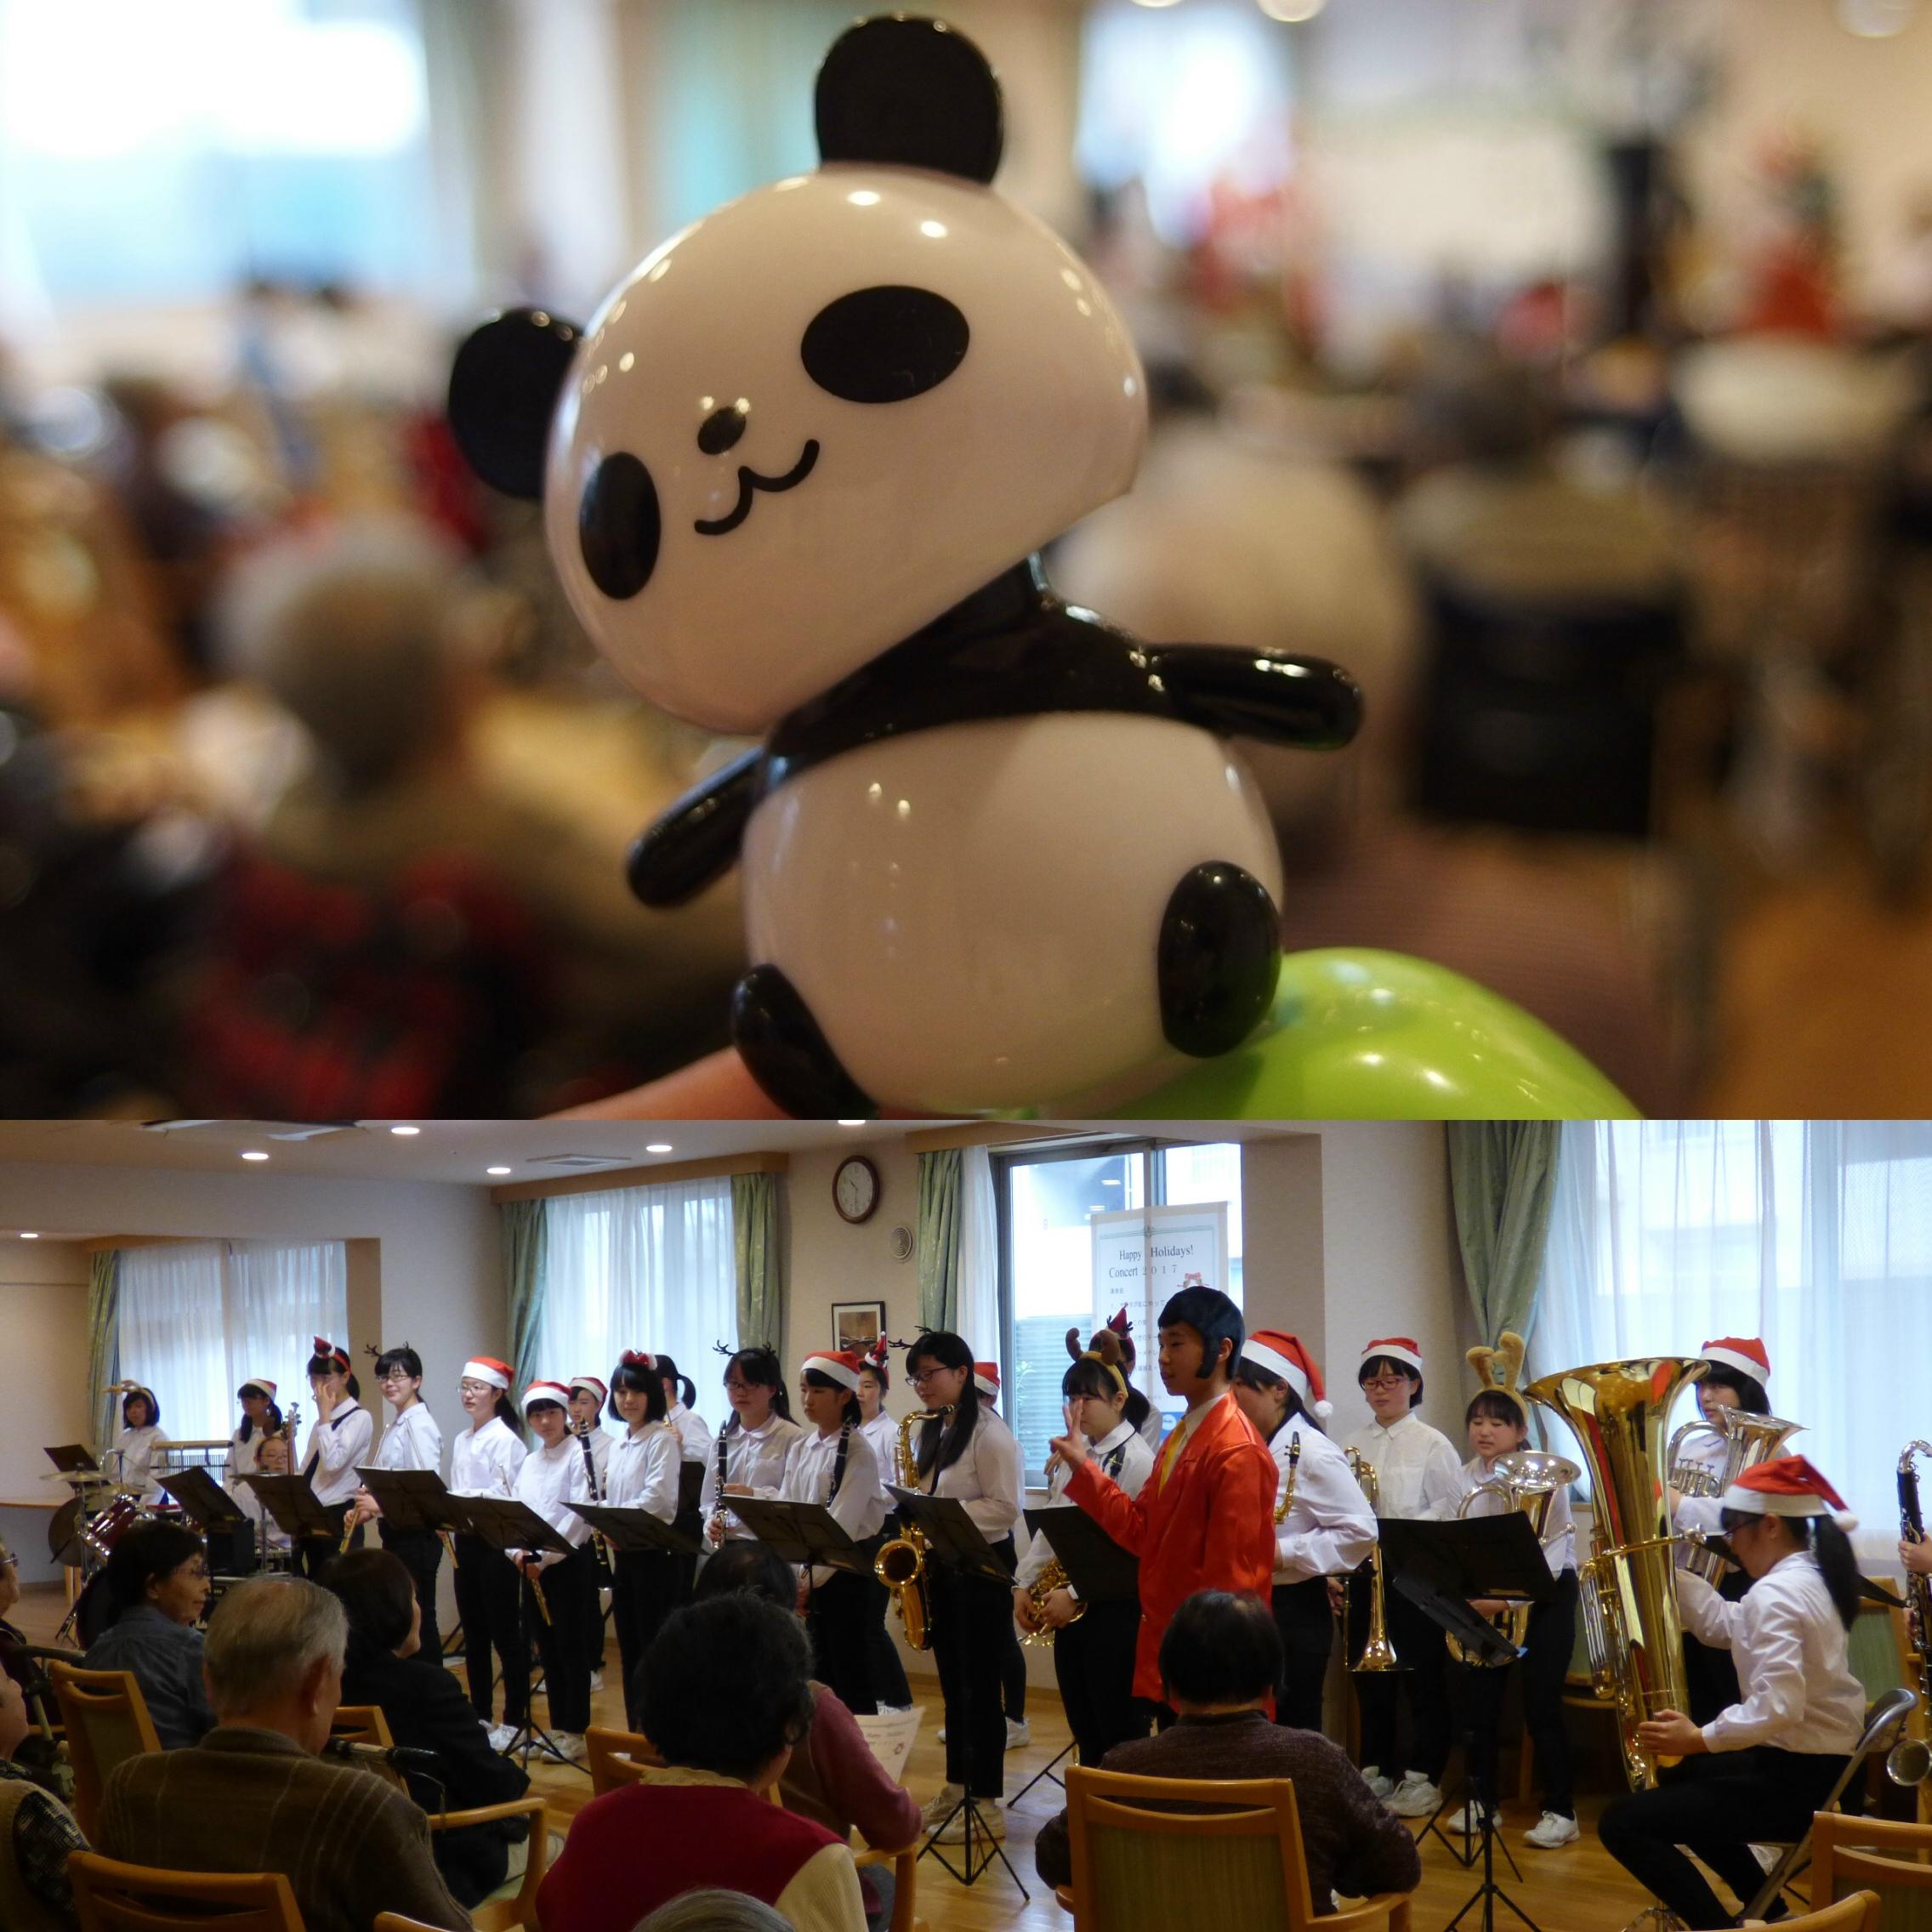 大人気のパンダのプレゼント